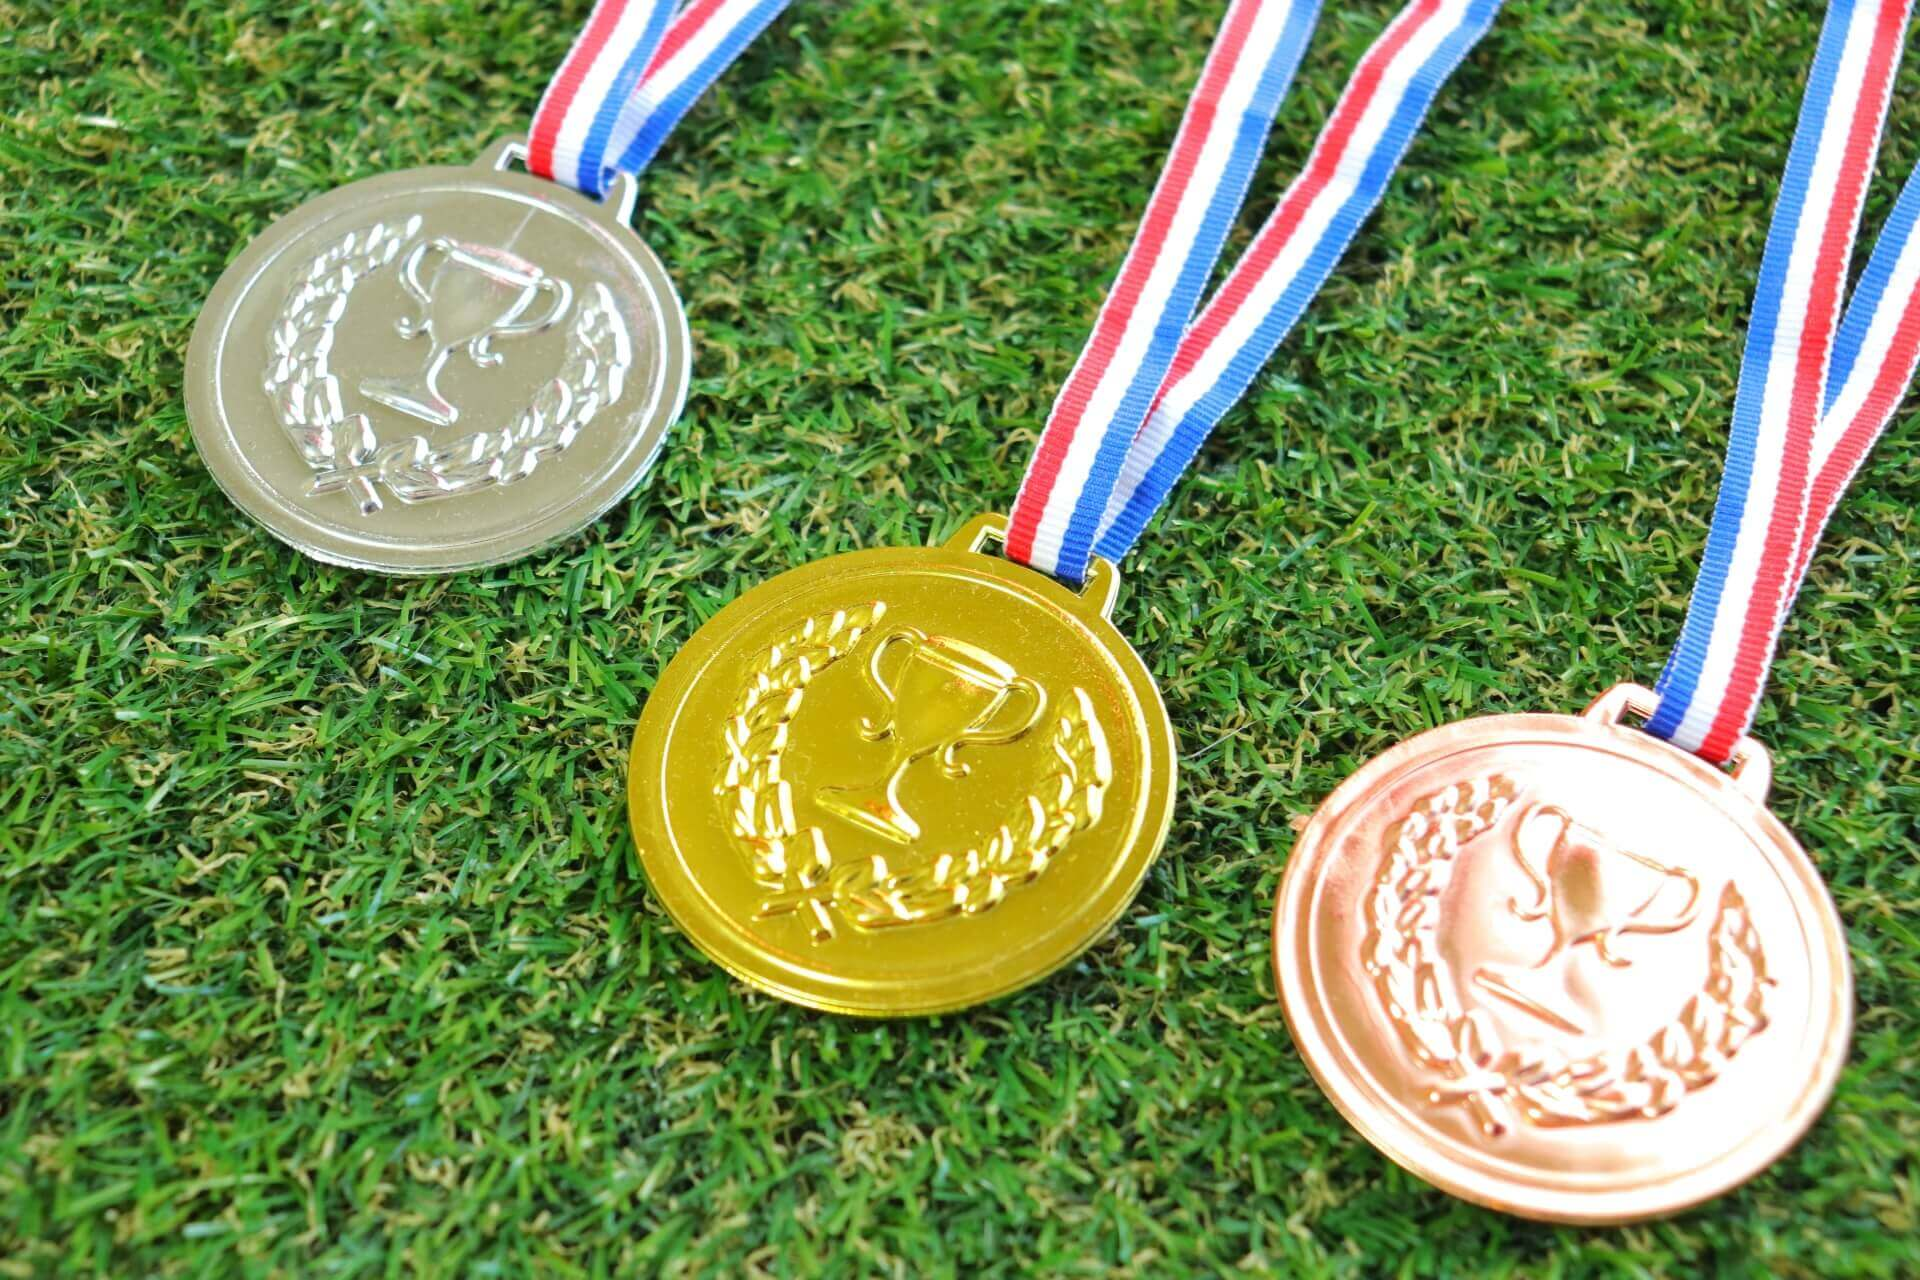 金メダル、銀メダル、銅メダル